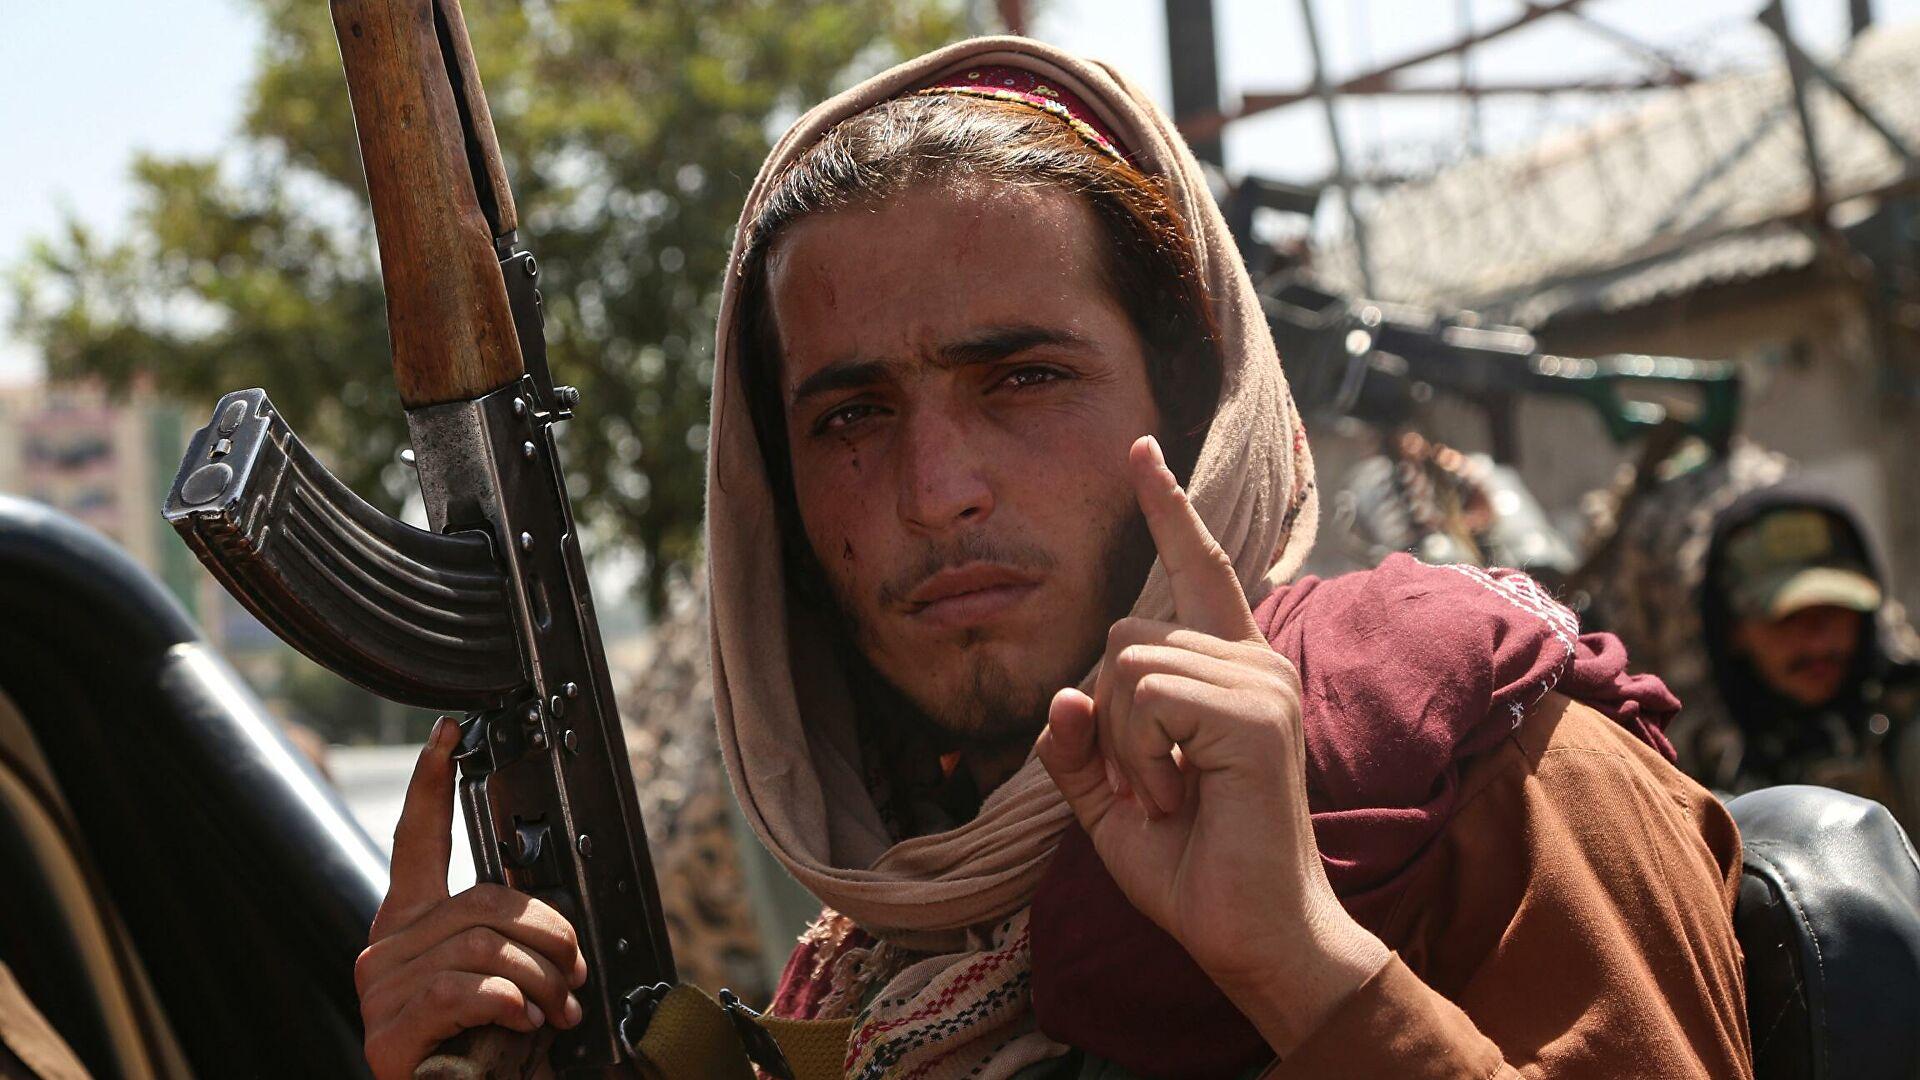 В«Талибане» прокомментировали ограничения набритье бороды